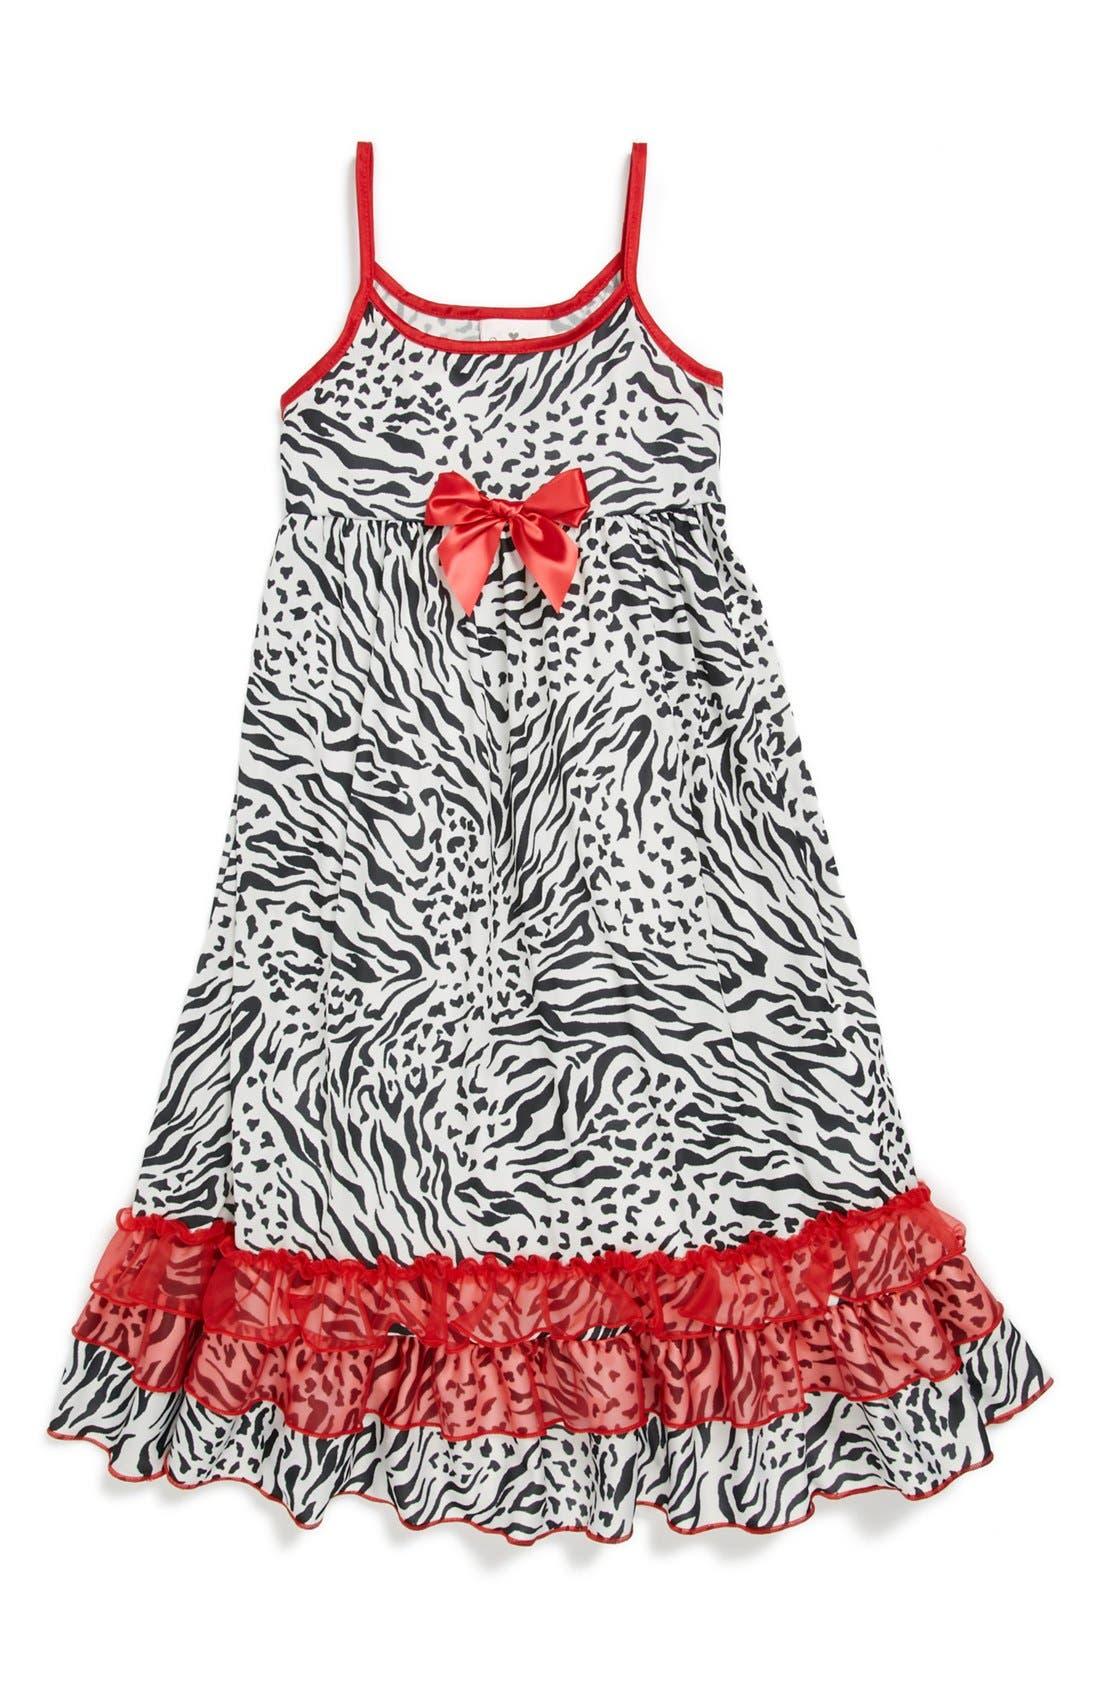 Main Image - Laura Dare Zebra Print Nightgown (Big Girls)